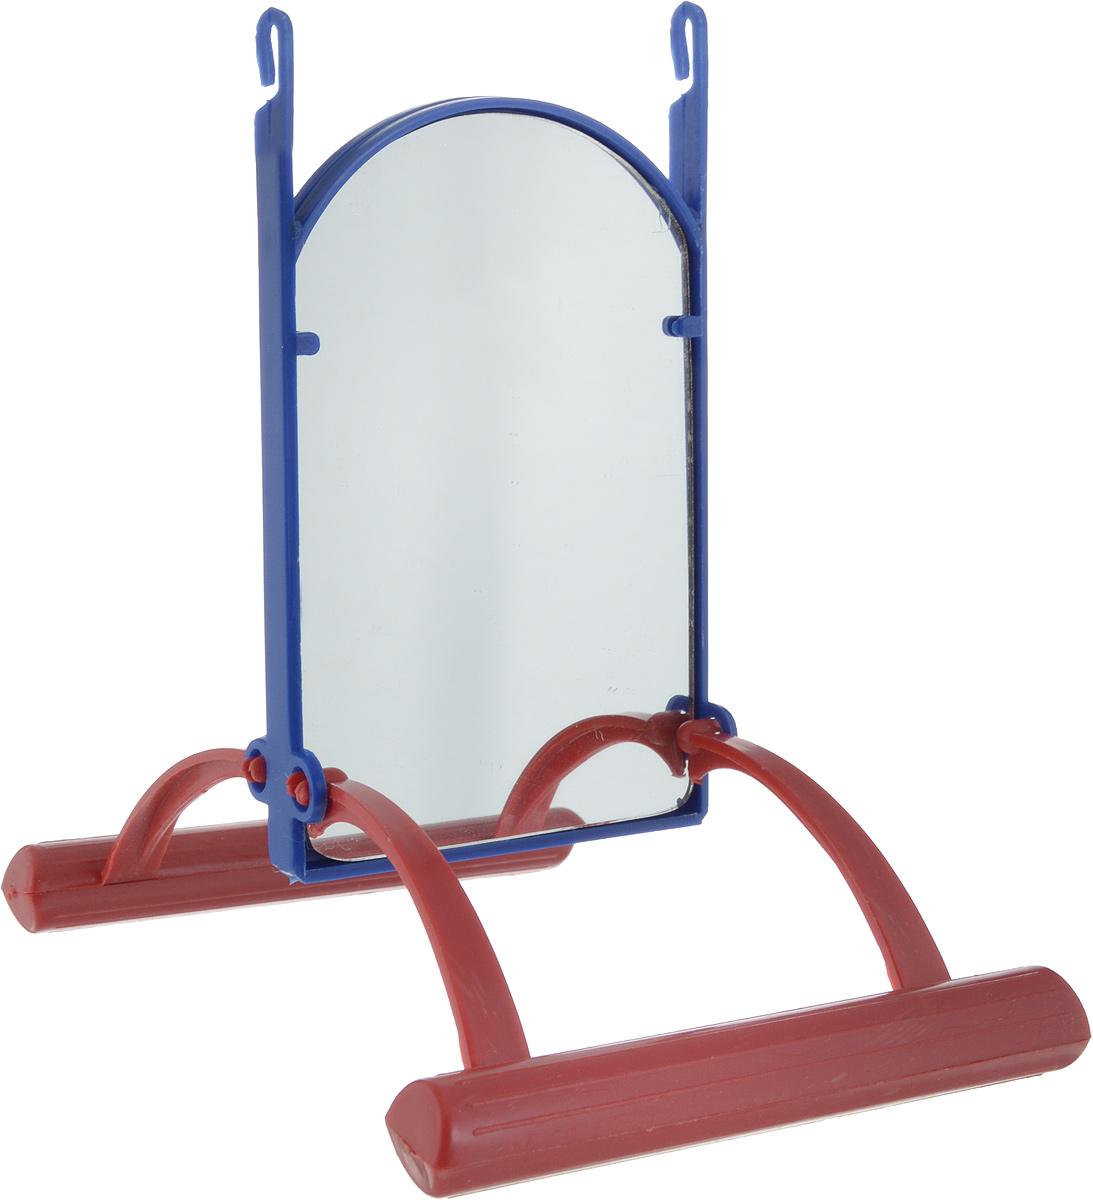 Зеркало для попугая Trixie, цвет: синий, красный, вид 1, 13 см